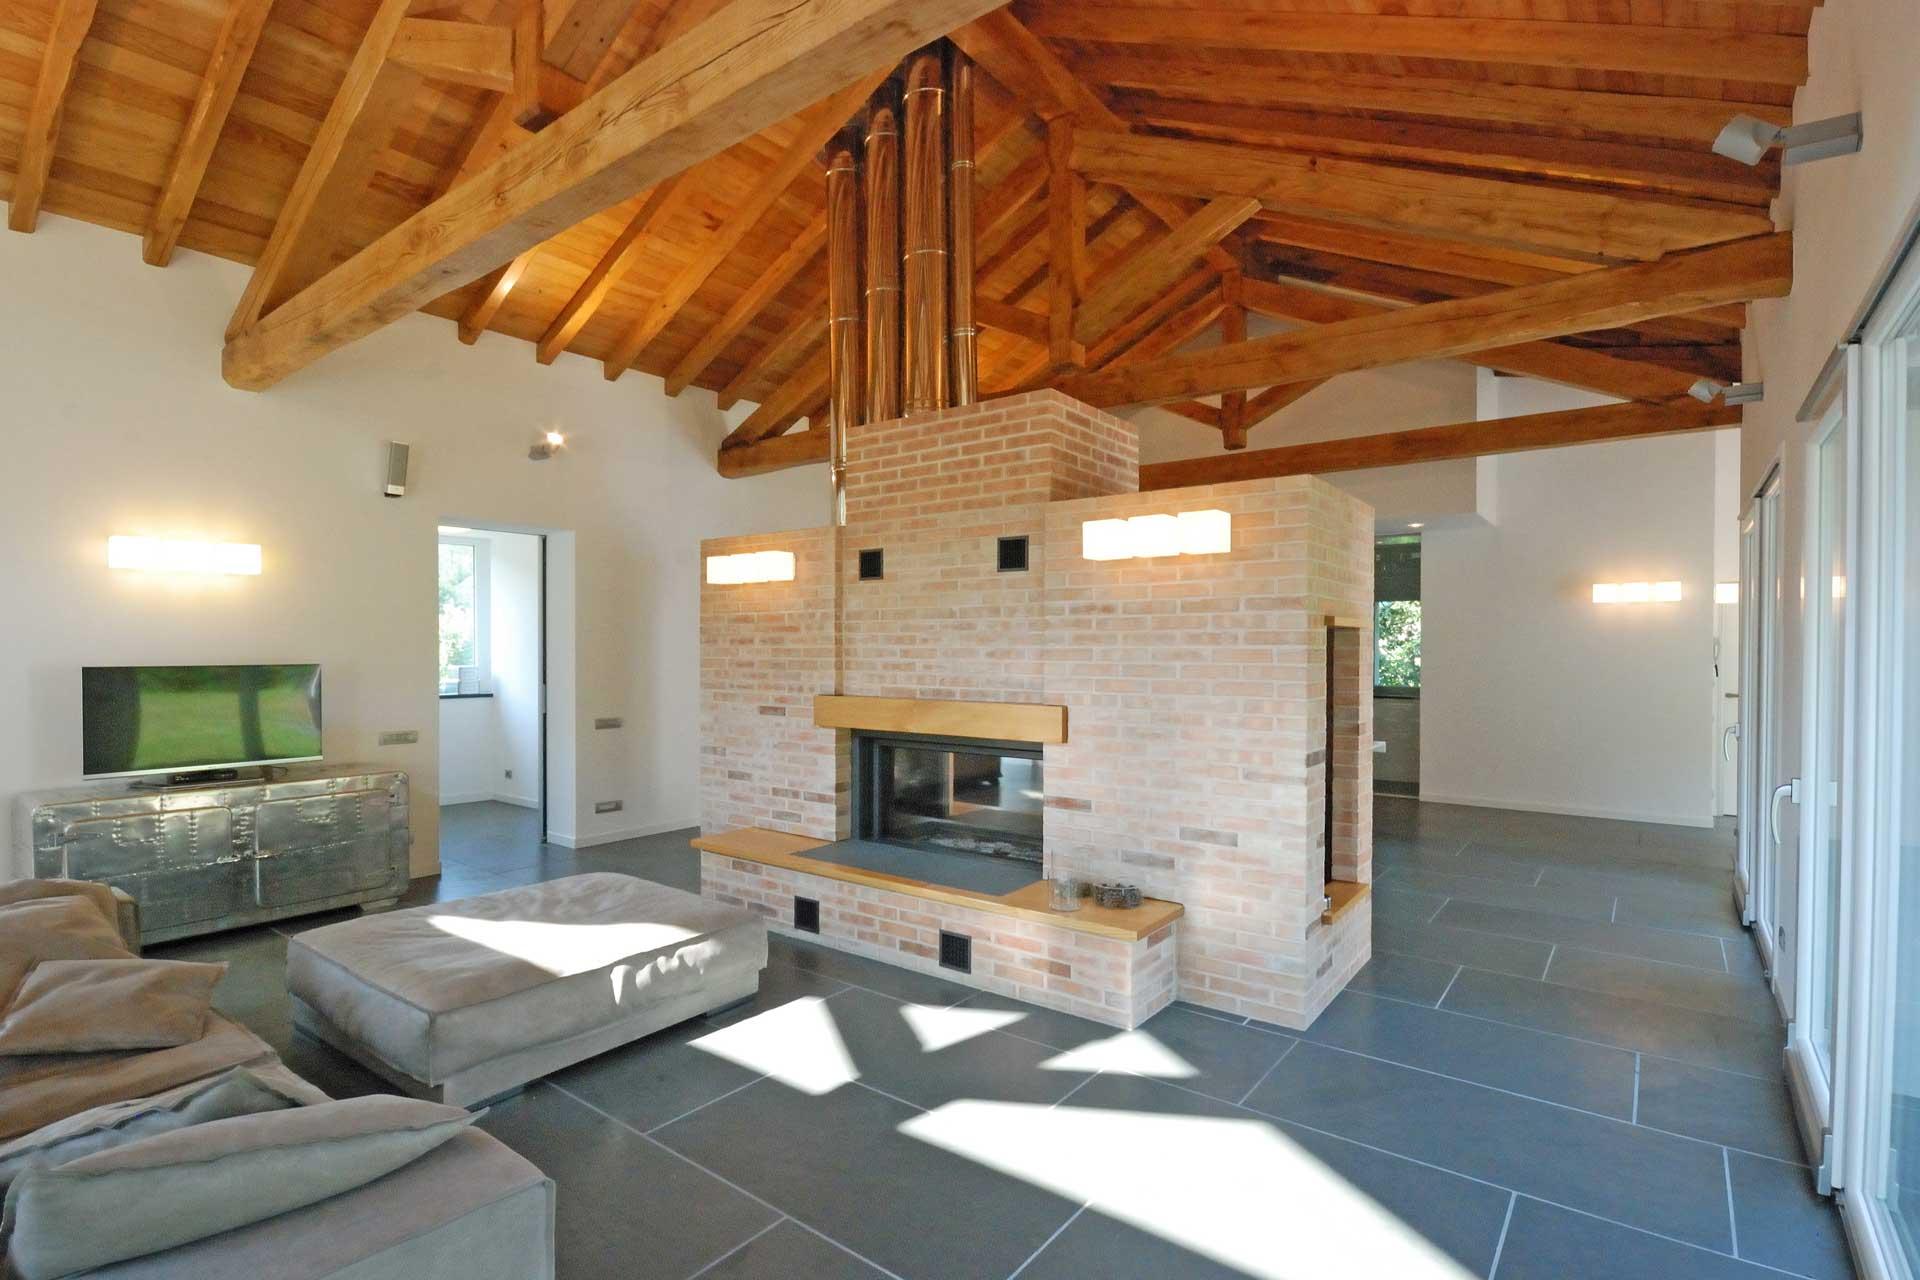 Roberto Silvestri architetto, una casa con il tetto in legno